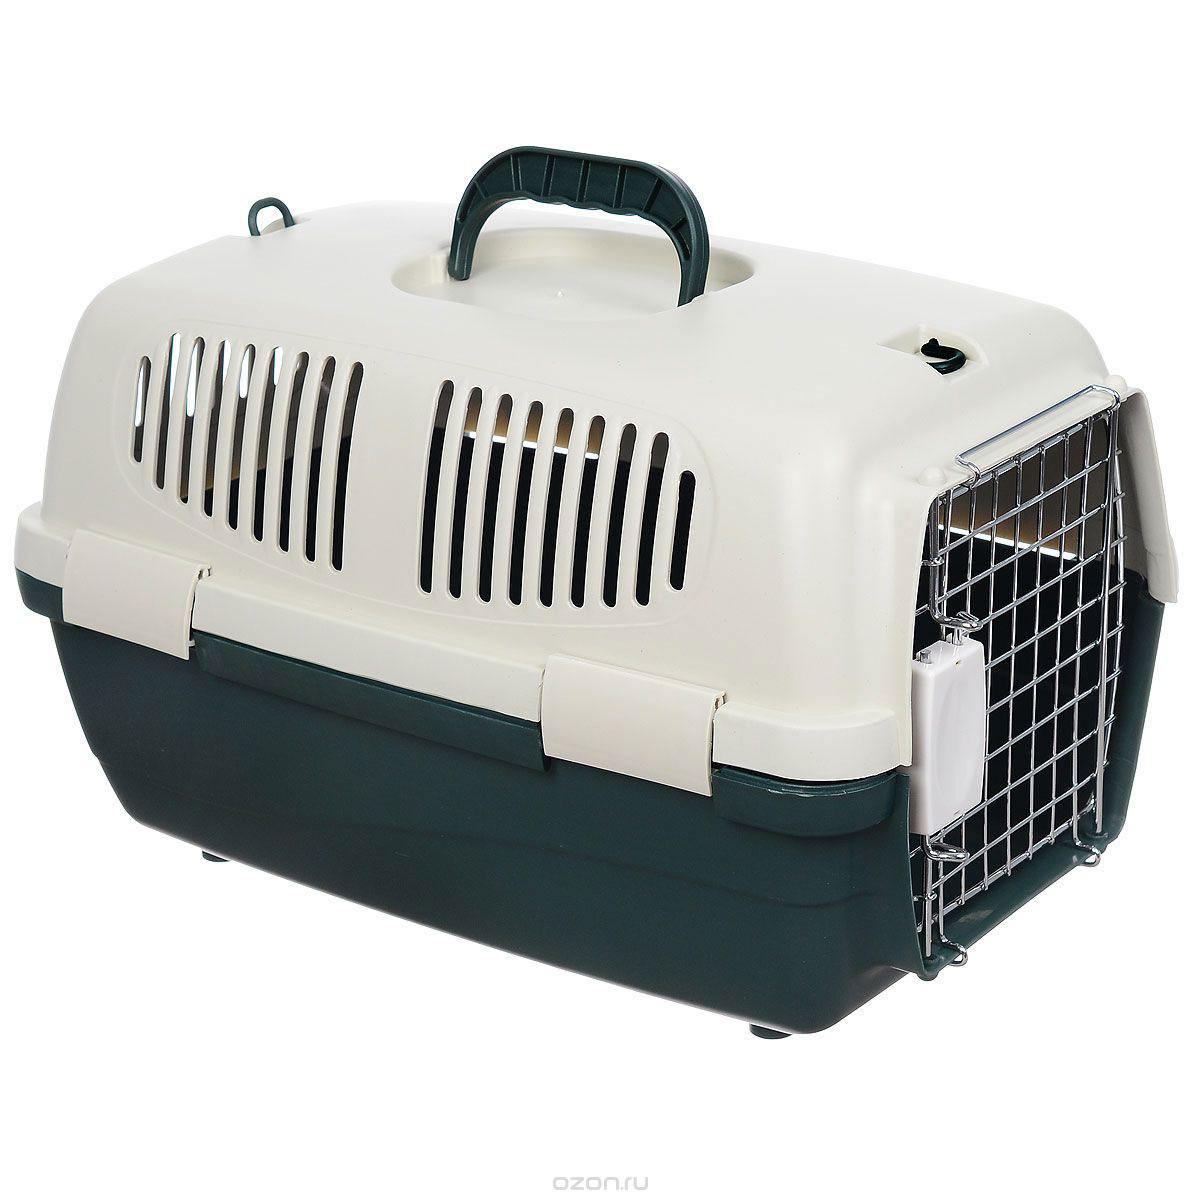 Переноска для животных  Triol  с замком, цвет: зеленый, 48 см х 29 см х 28 см - Переноски, товары для транспортировки